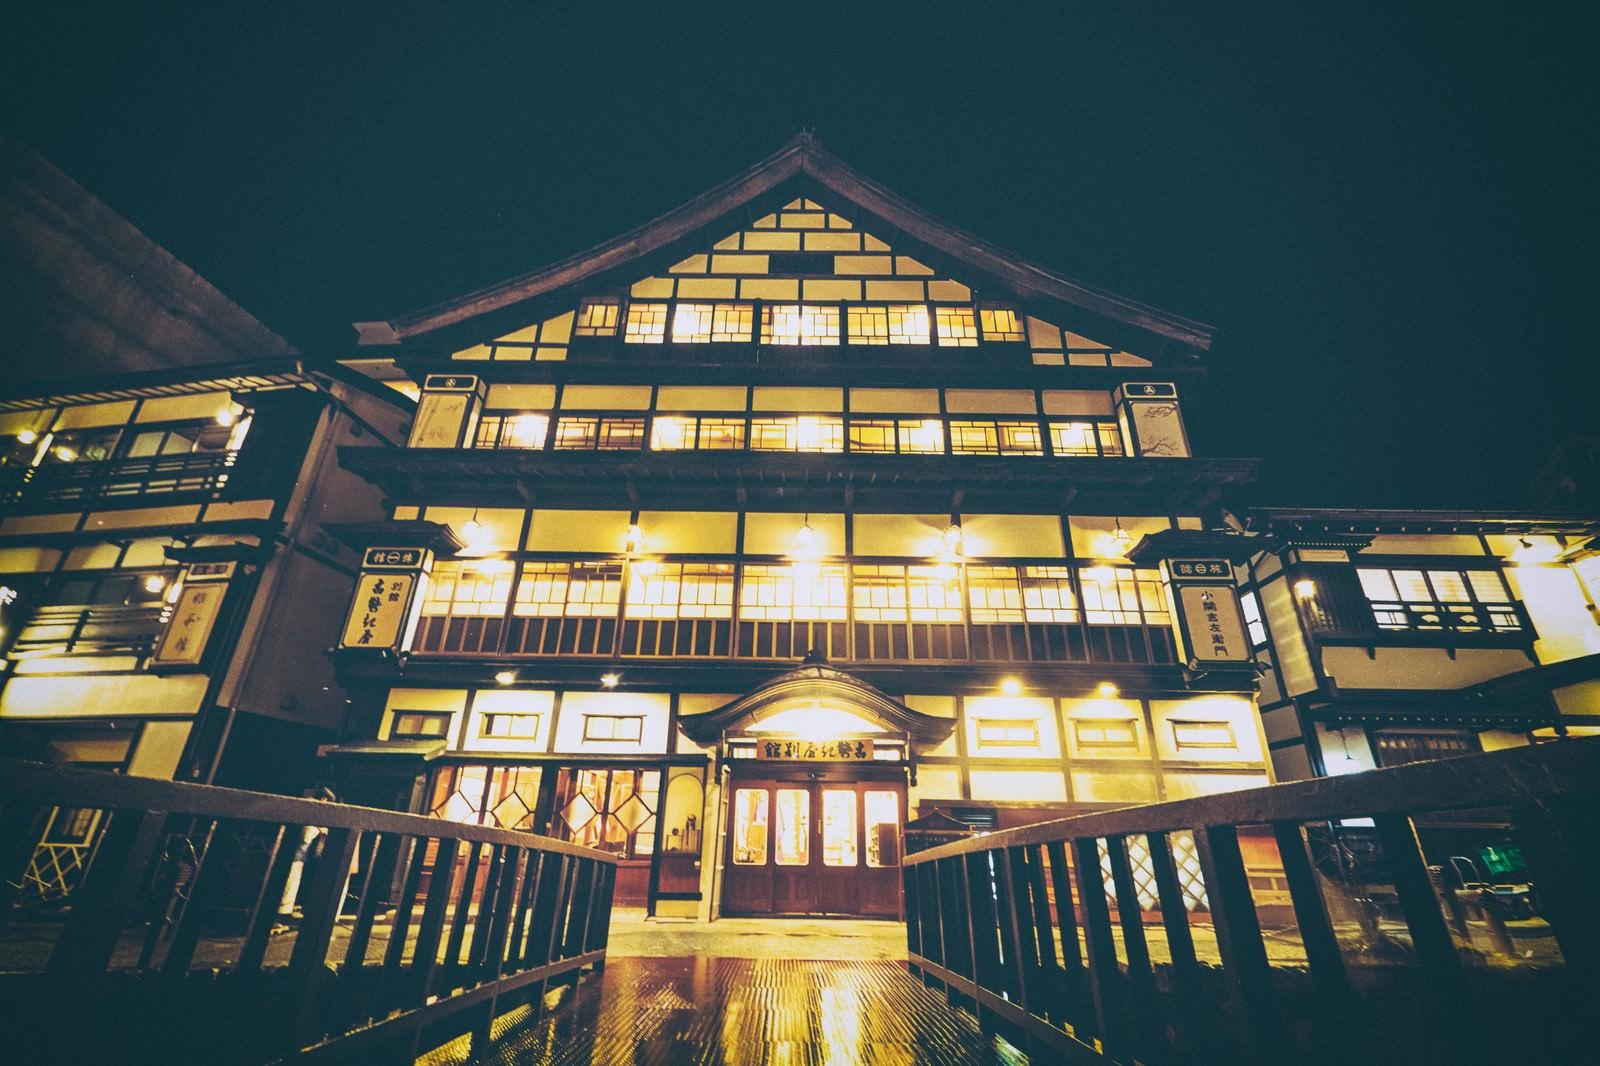 「旅館の灯りともる銀山温泉の旅館」の写真